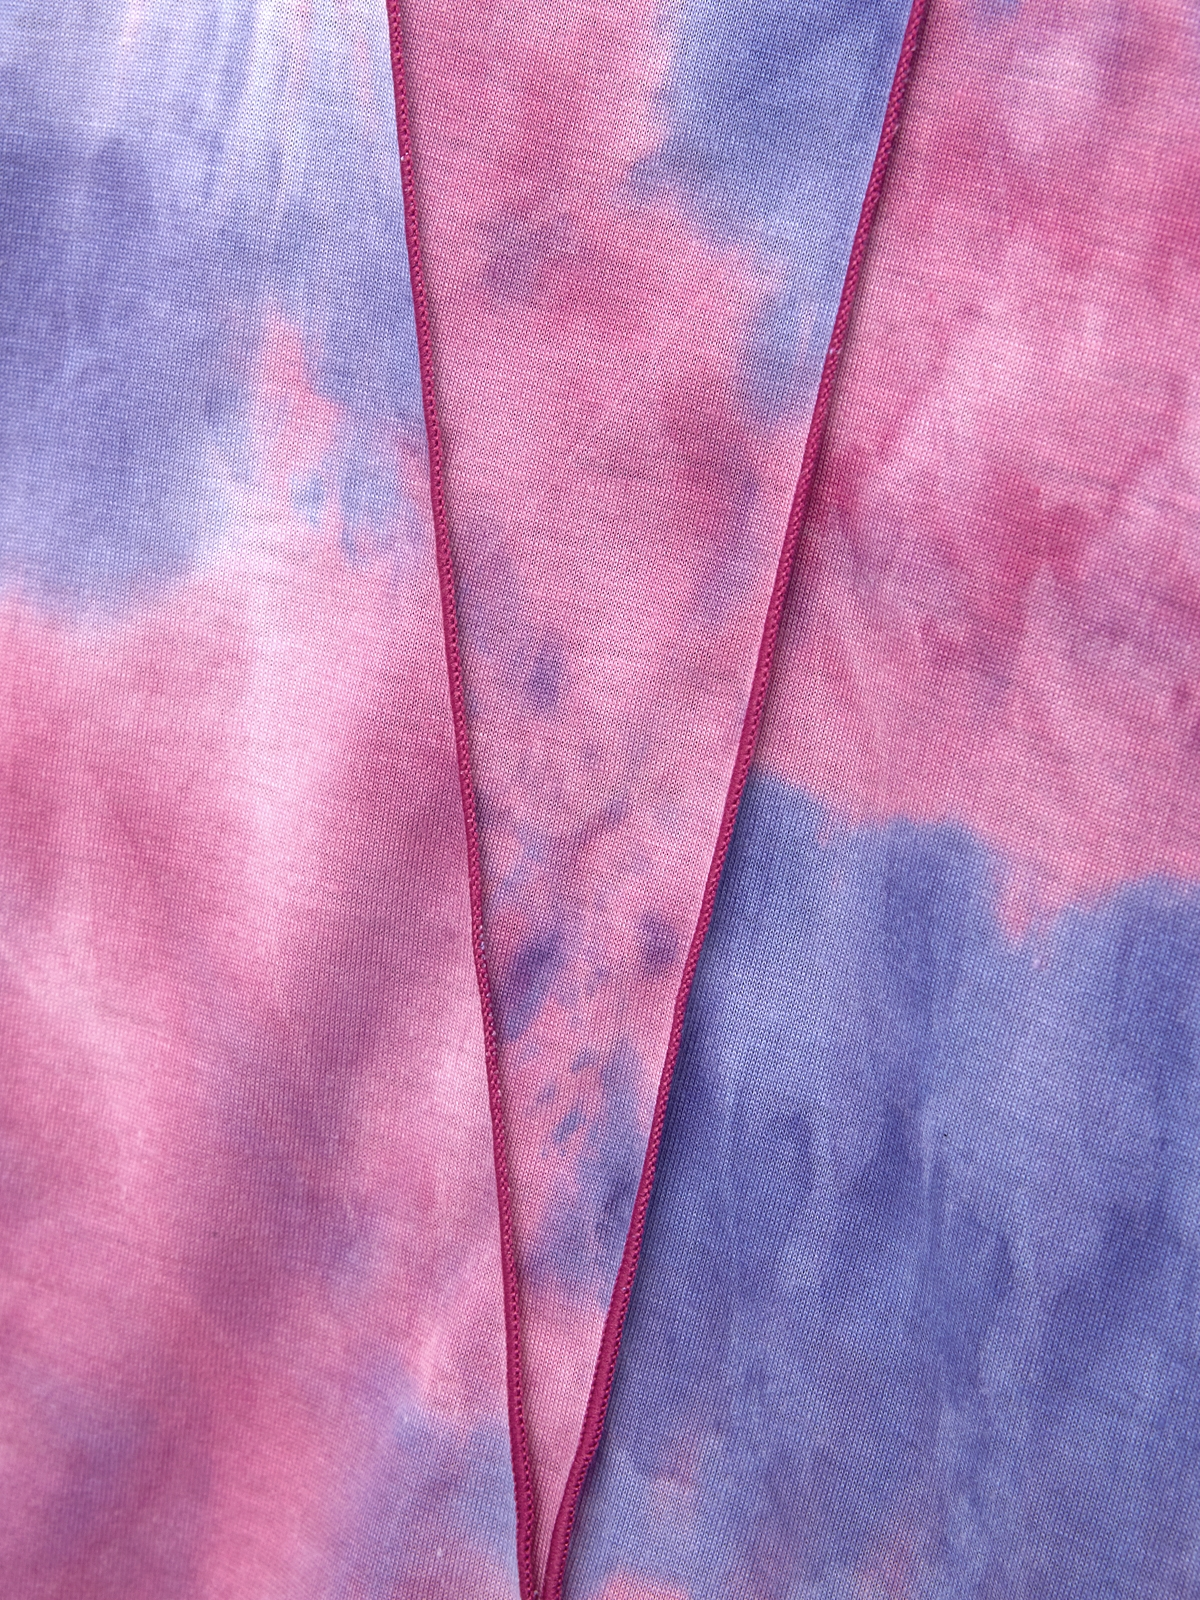 Tie Dye Mock Neck Tee Purple